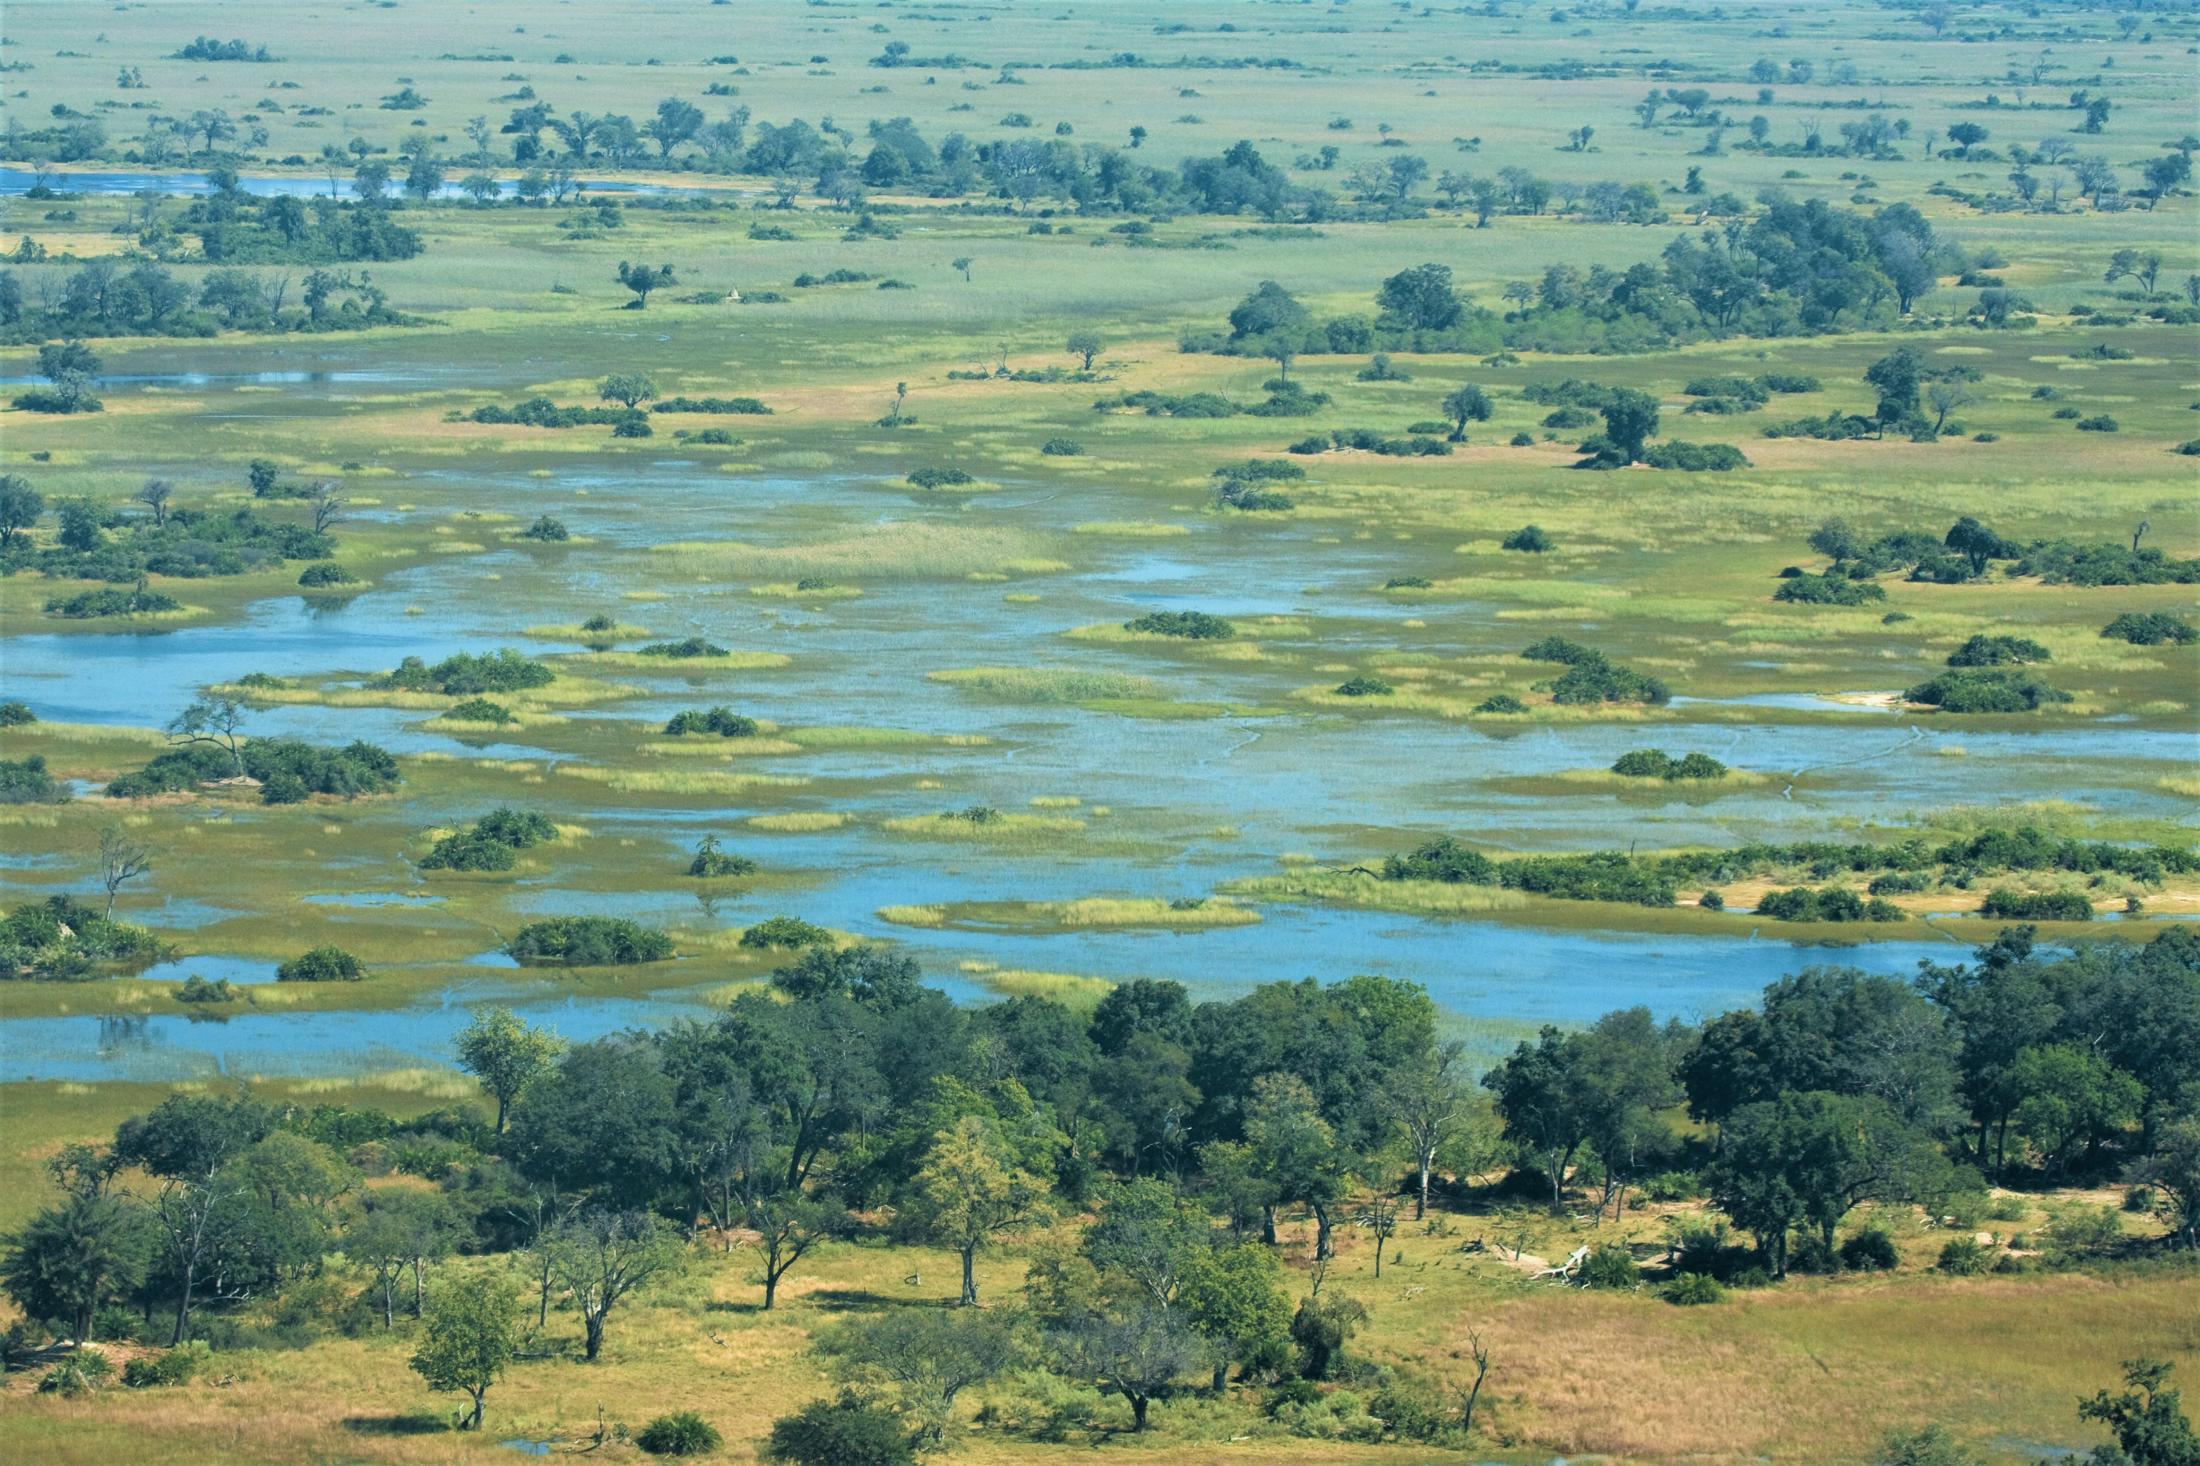 Individuele reizen Botswana - Ongerepte wildernis Okavango Delta vanuit de lucht